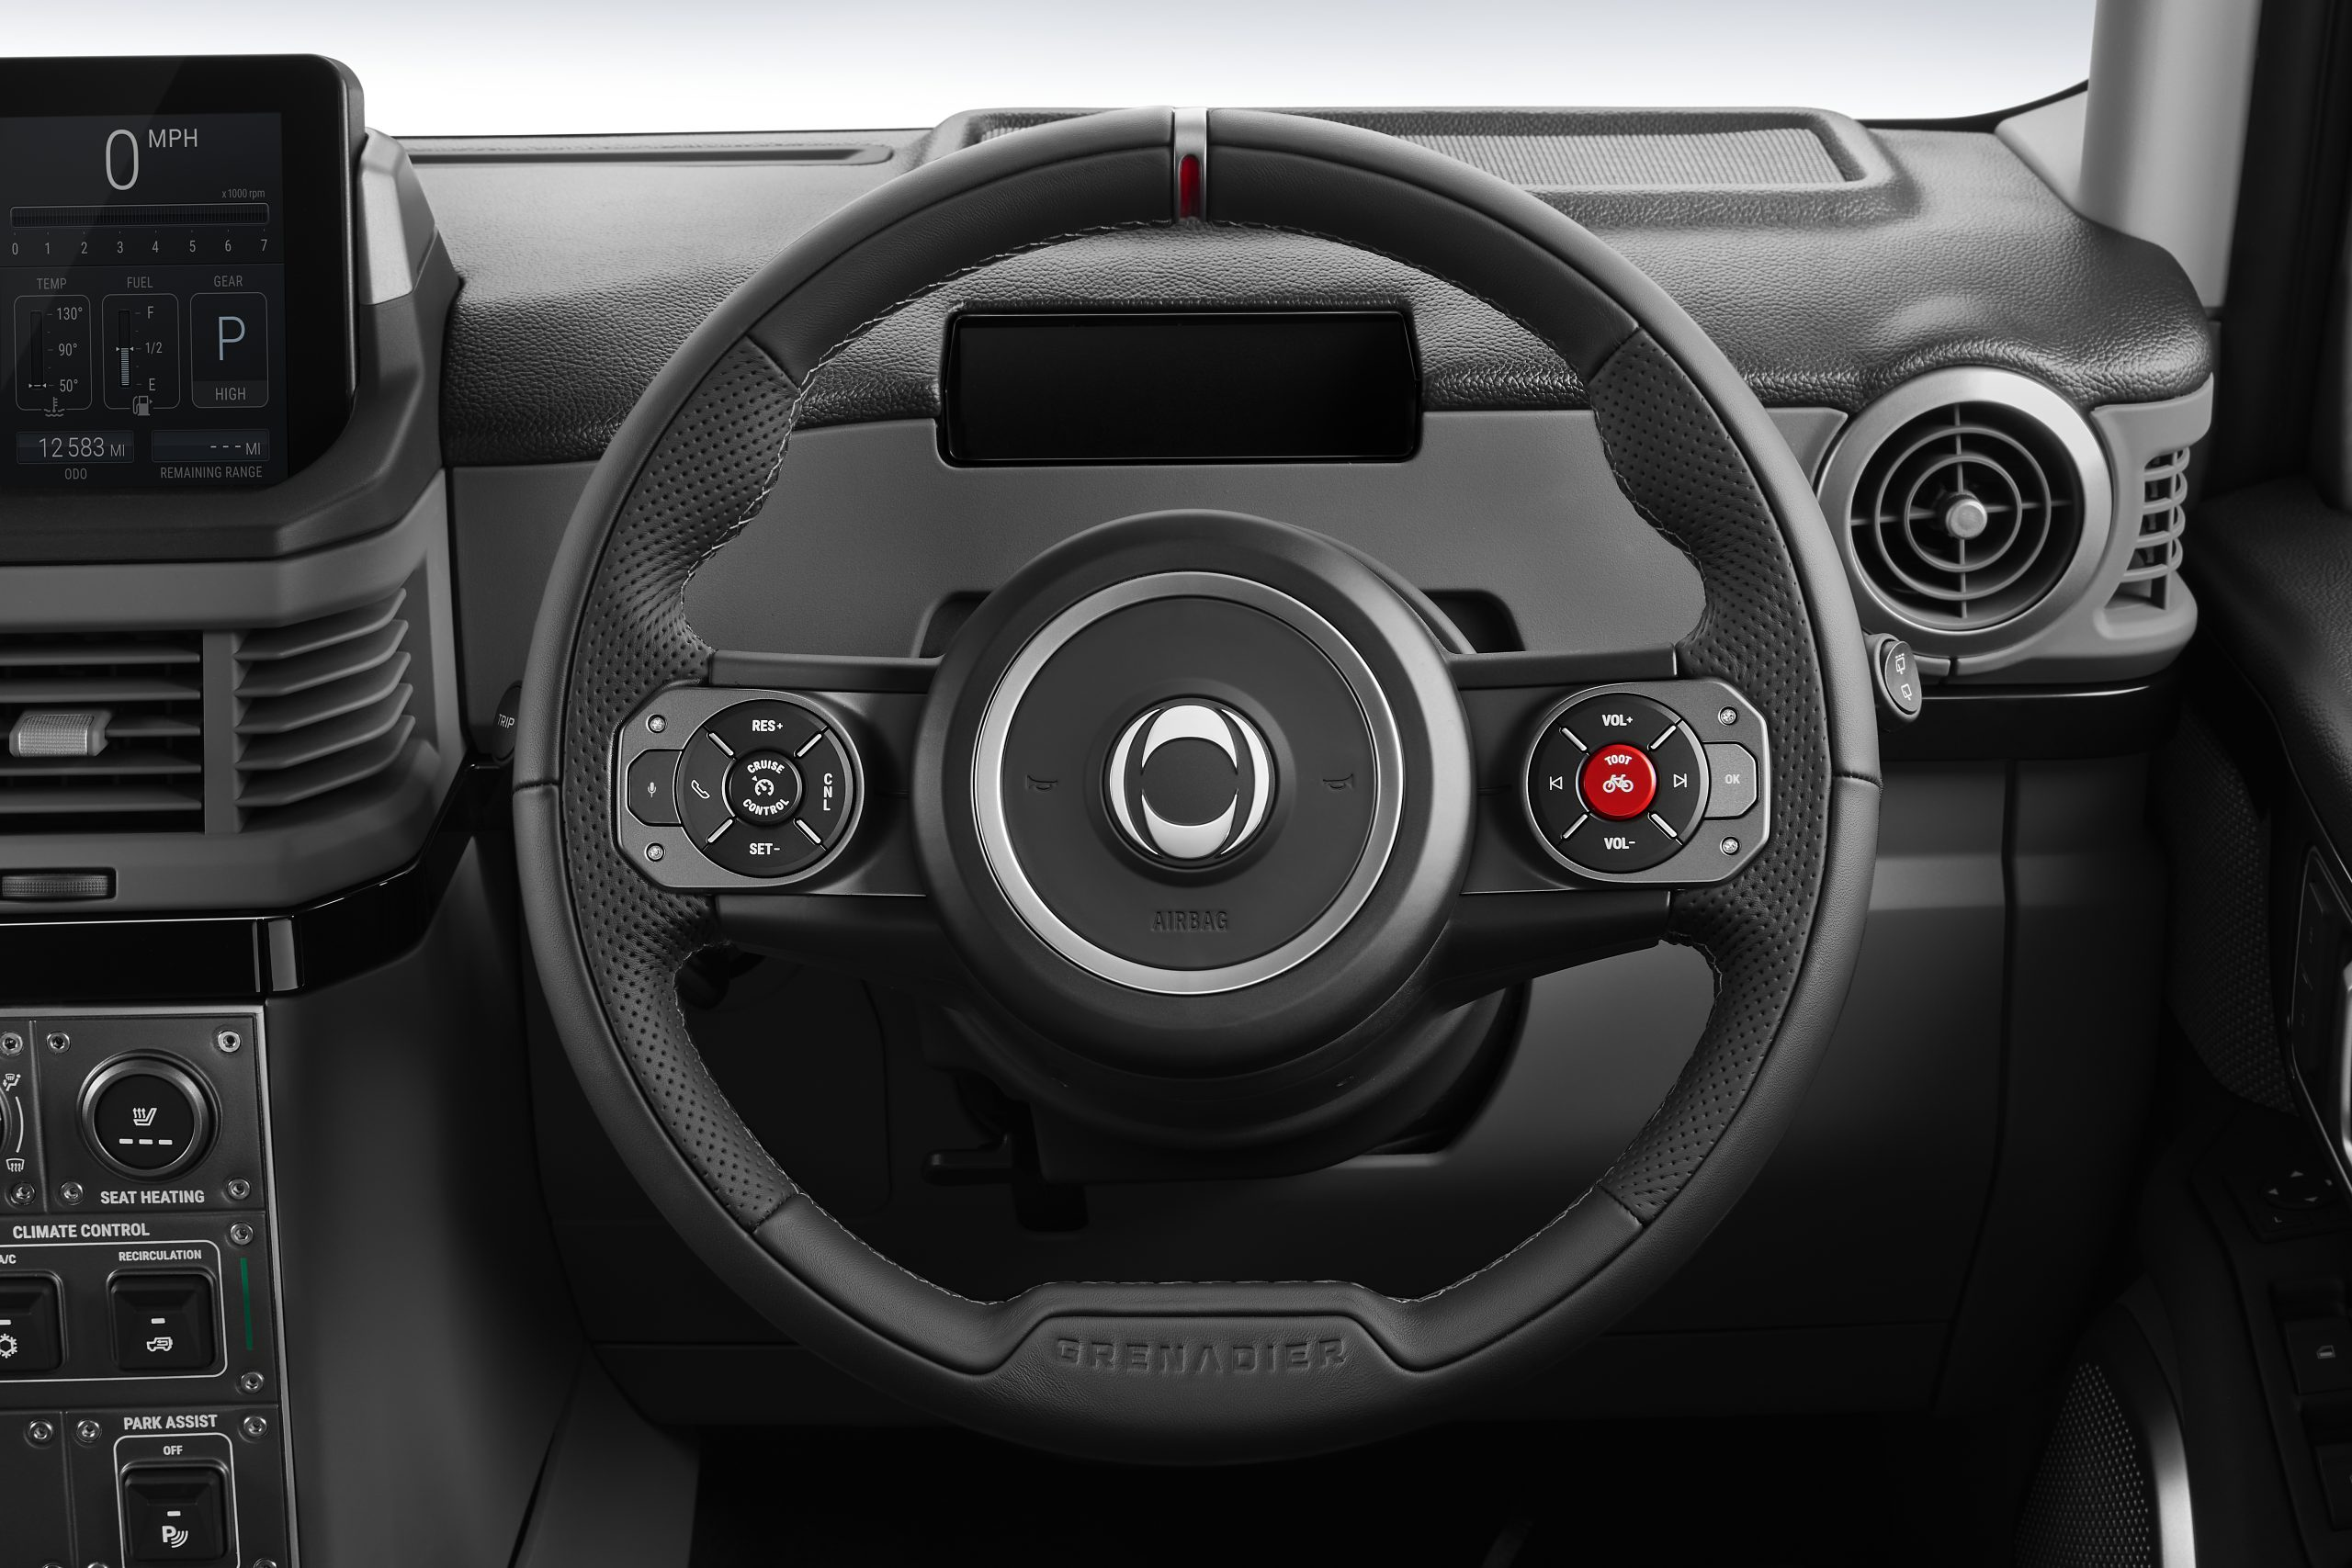 Ineos Grenadier interior wheel